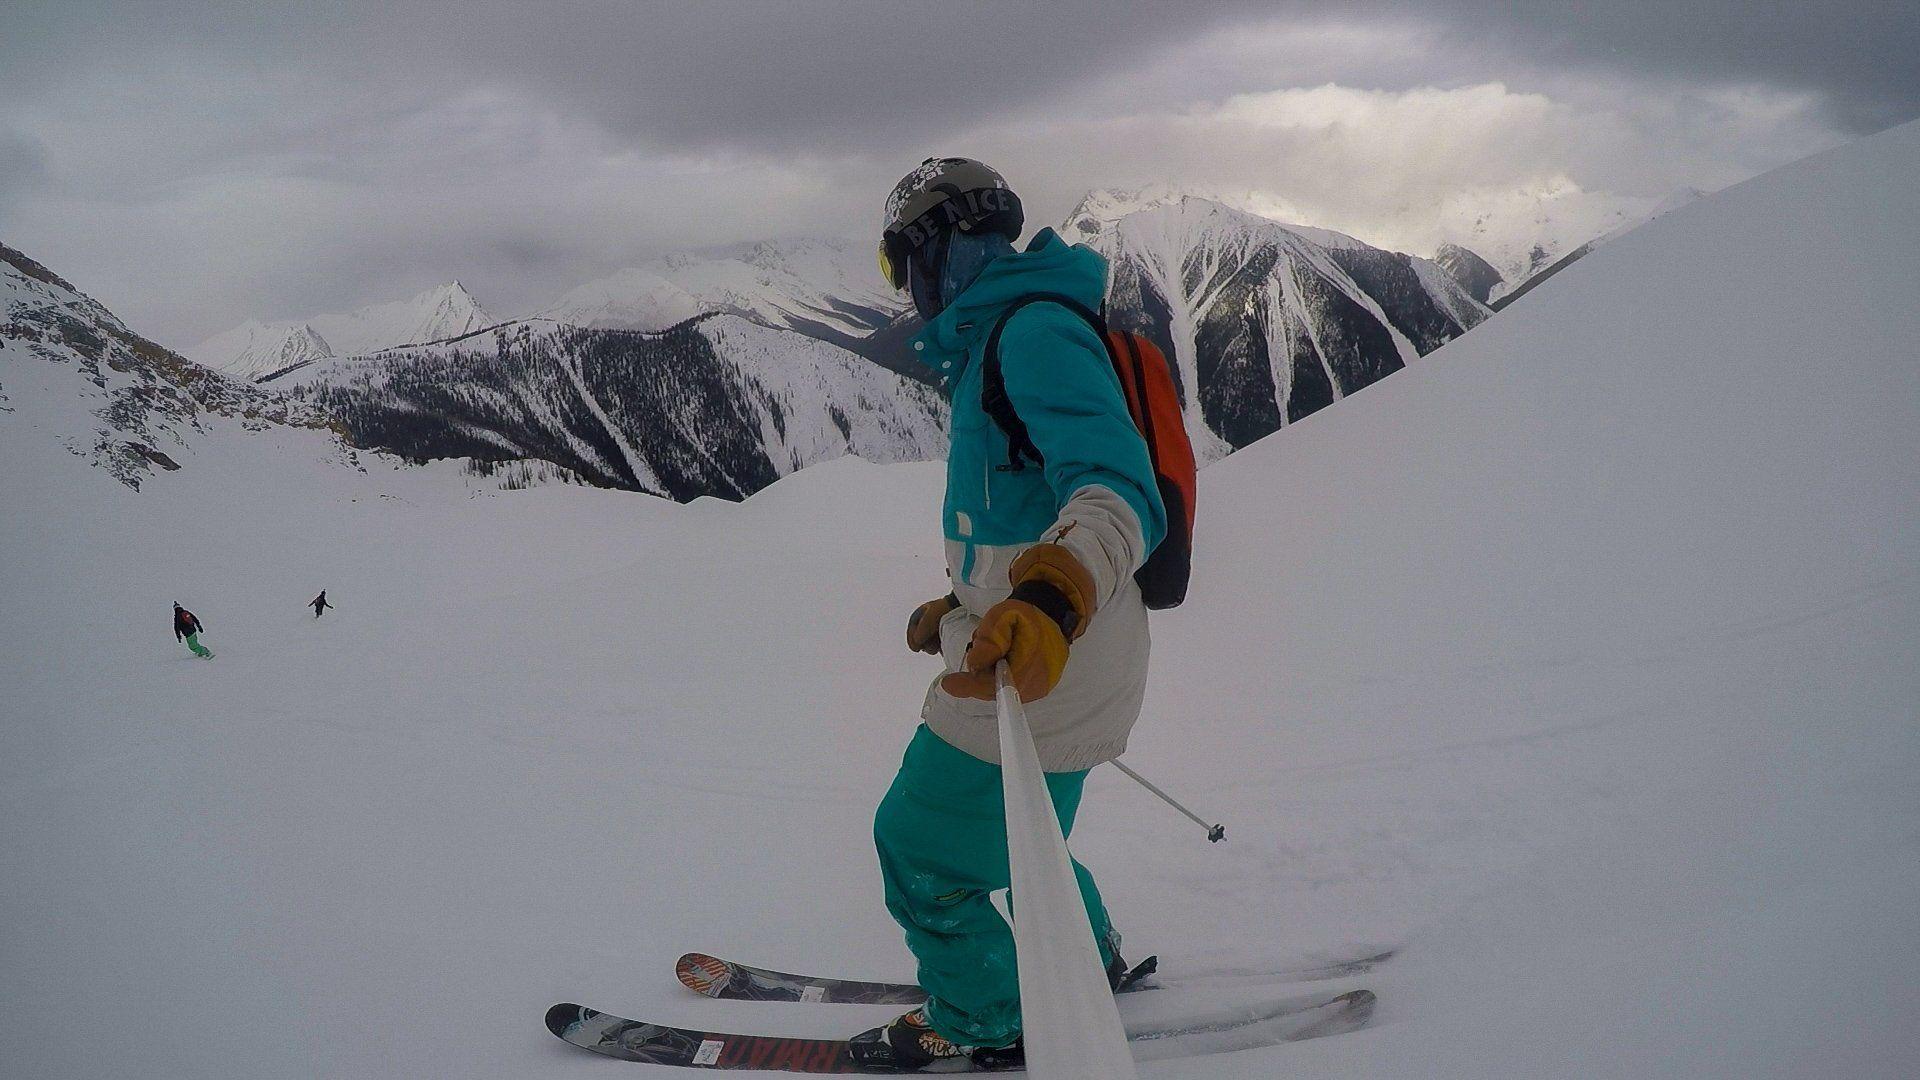 Descente à ski dans les rocheuses